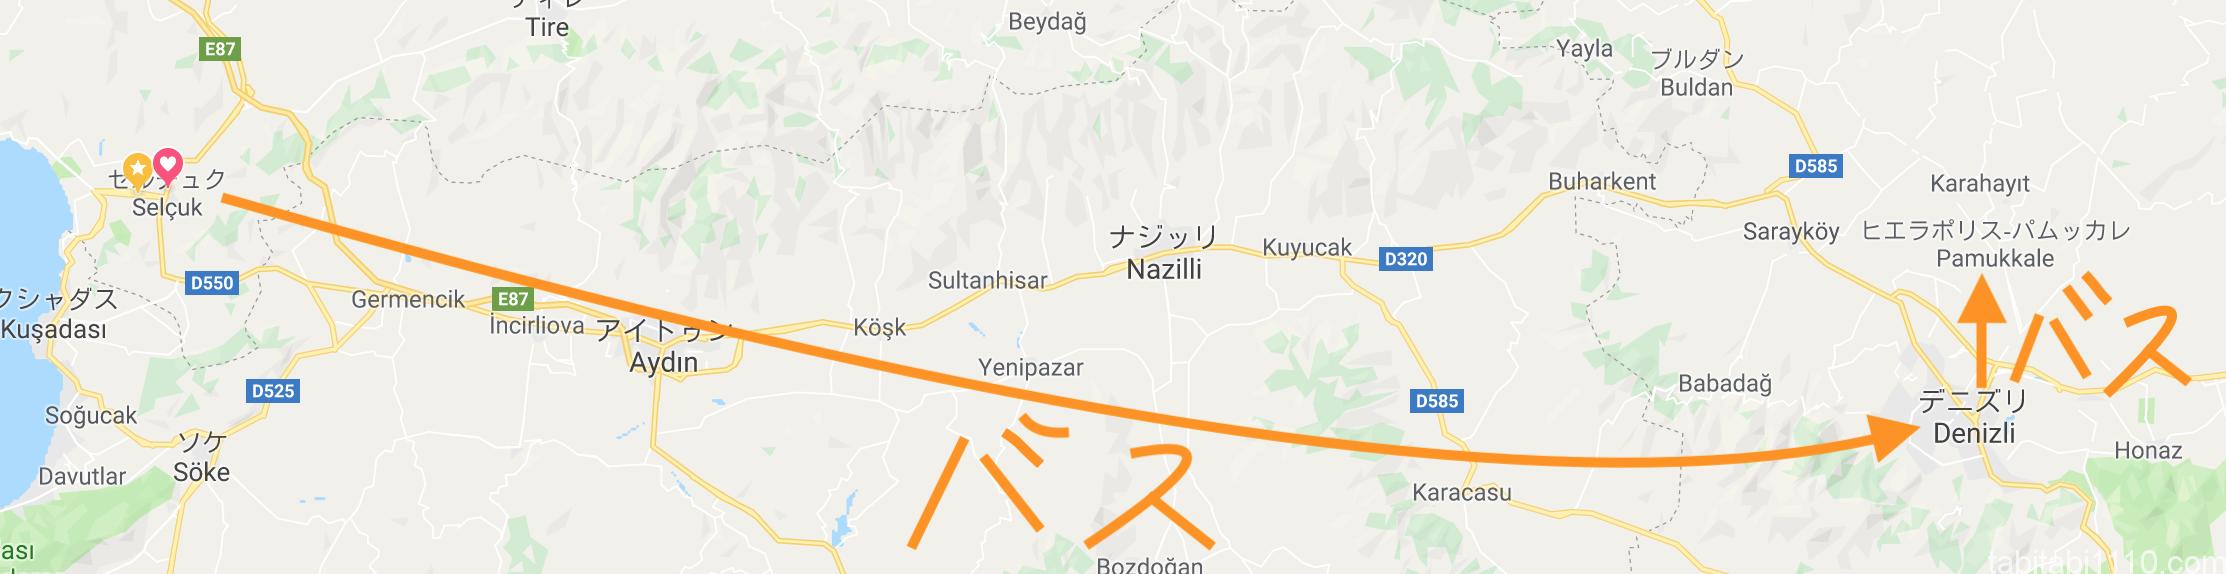 セルチュクからデニズリ(パムッカレ)|バス+バス